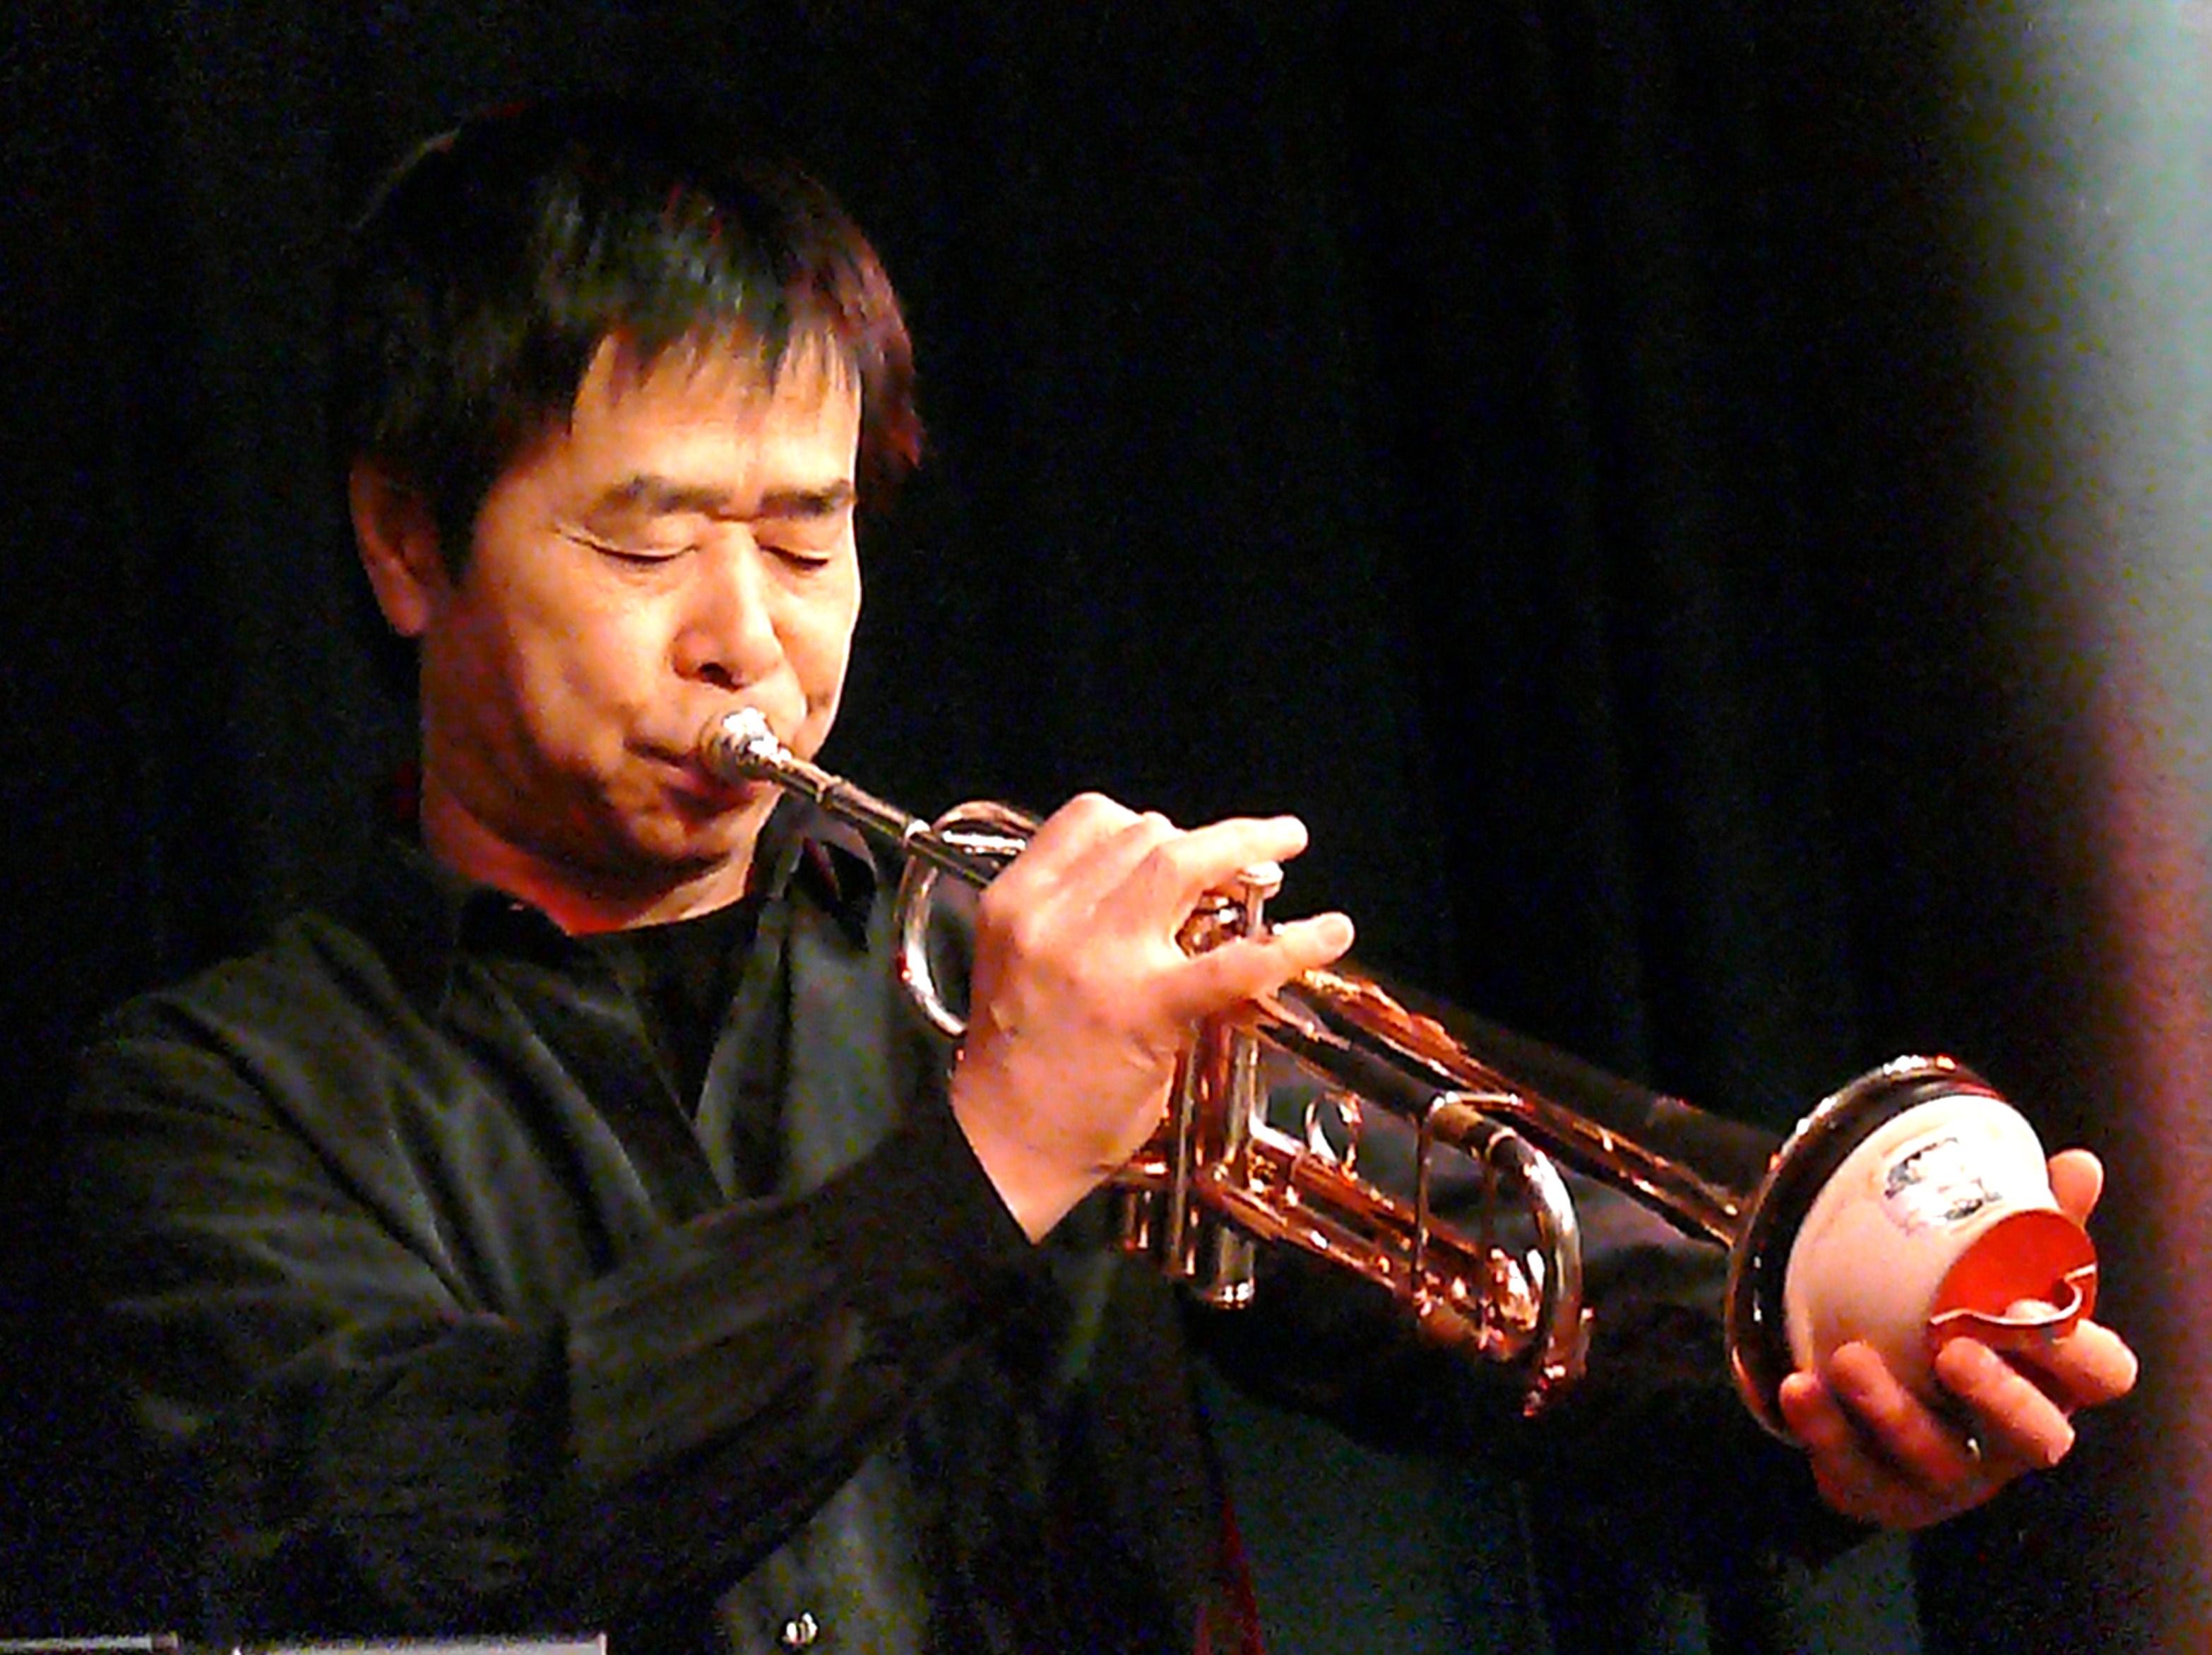 Natsuki Tamura at the Vortex, London, April 2010